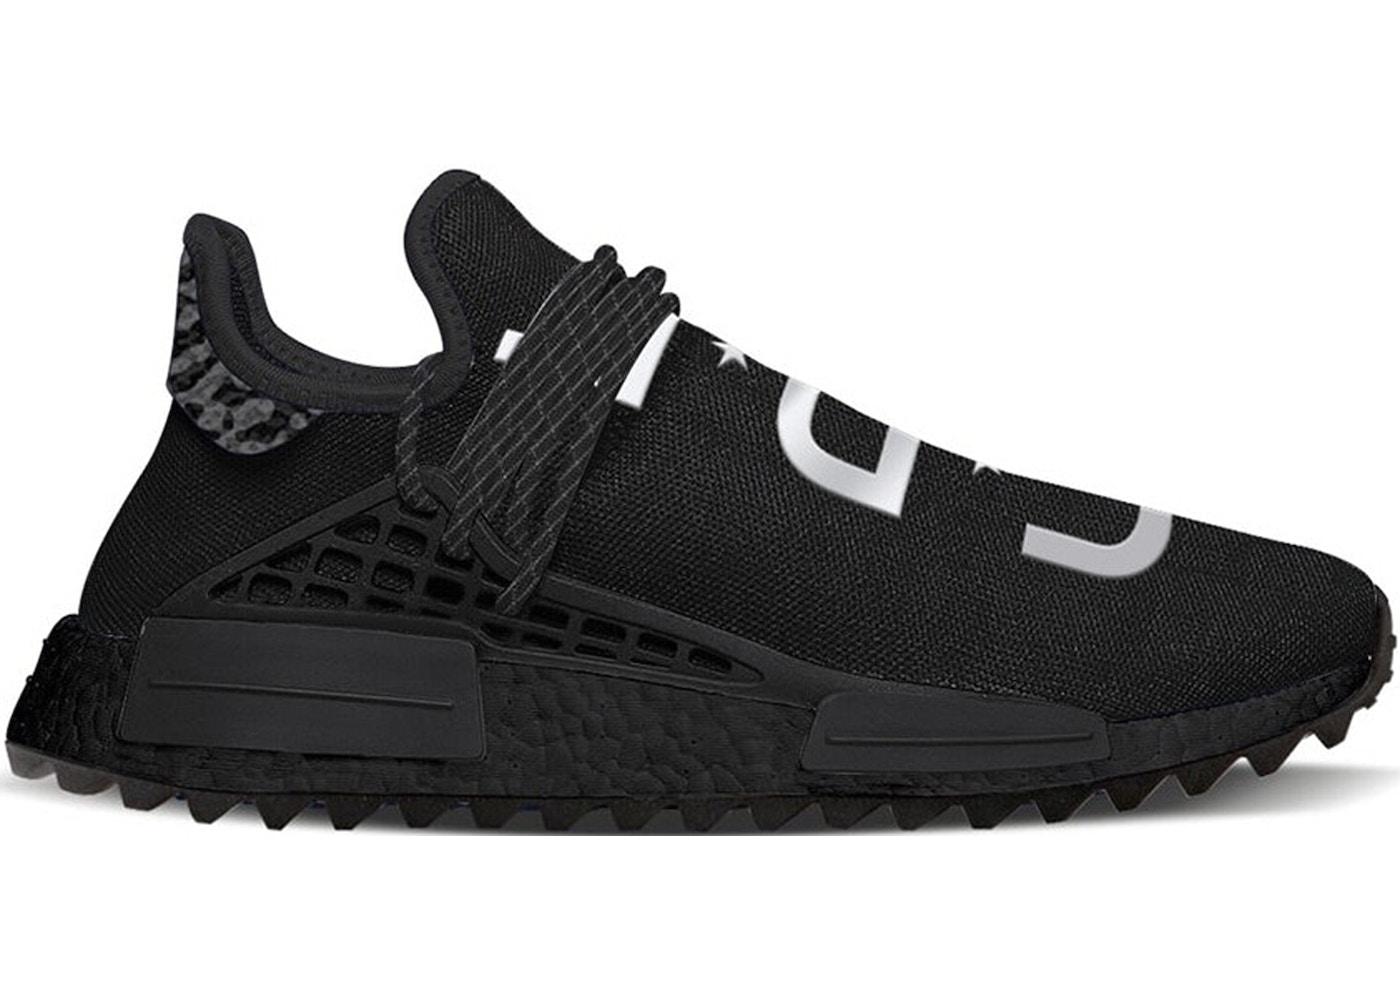 Adidas Y Shoes Canada